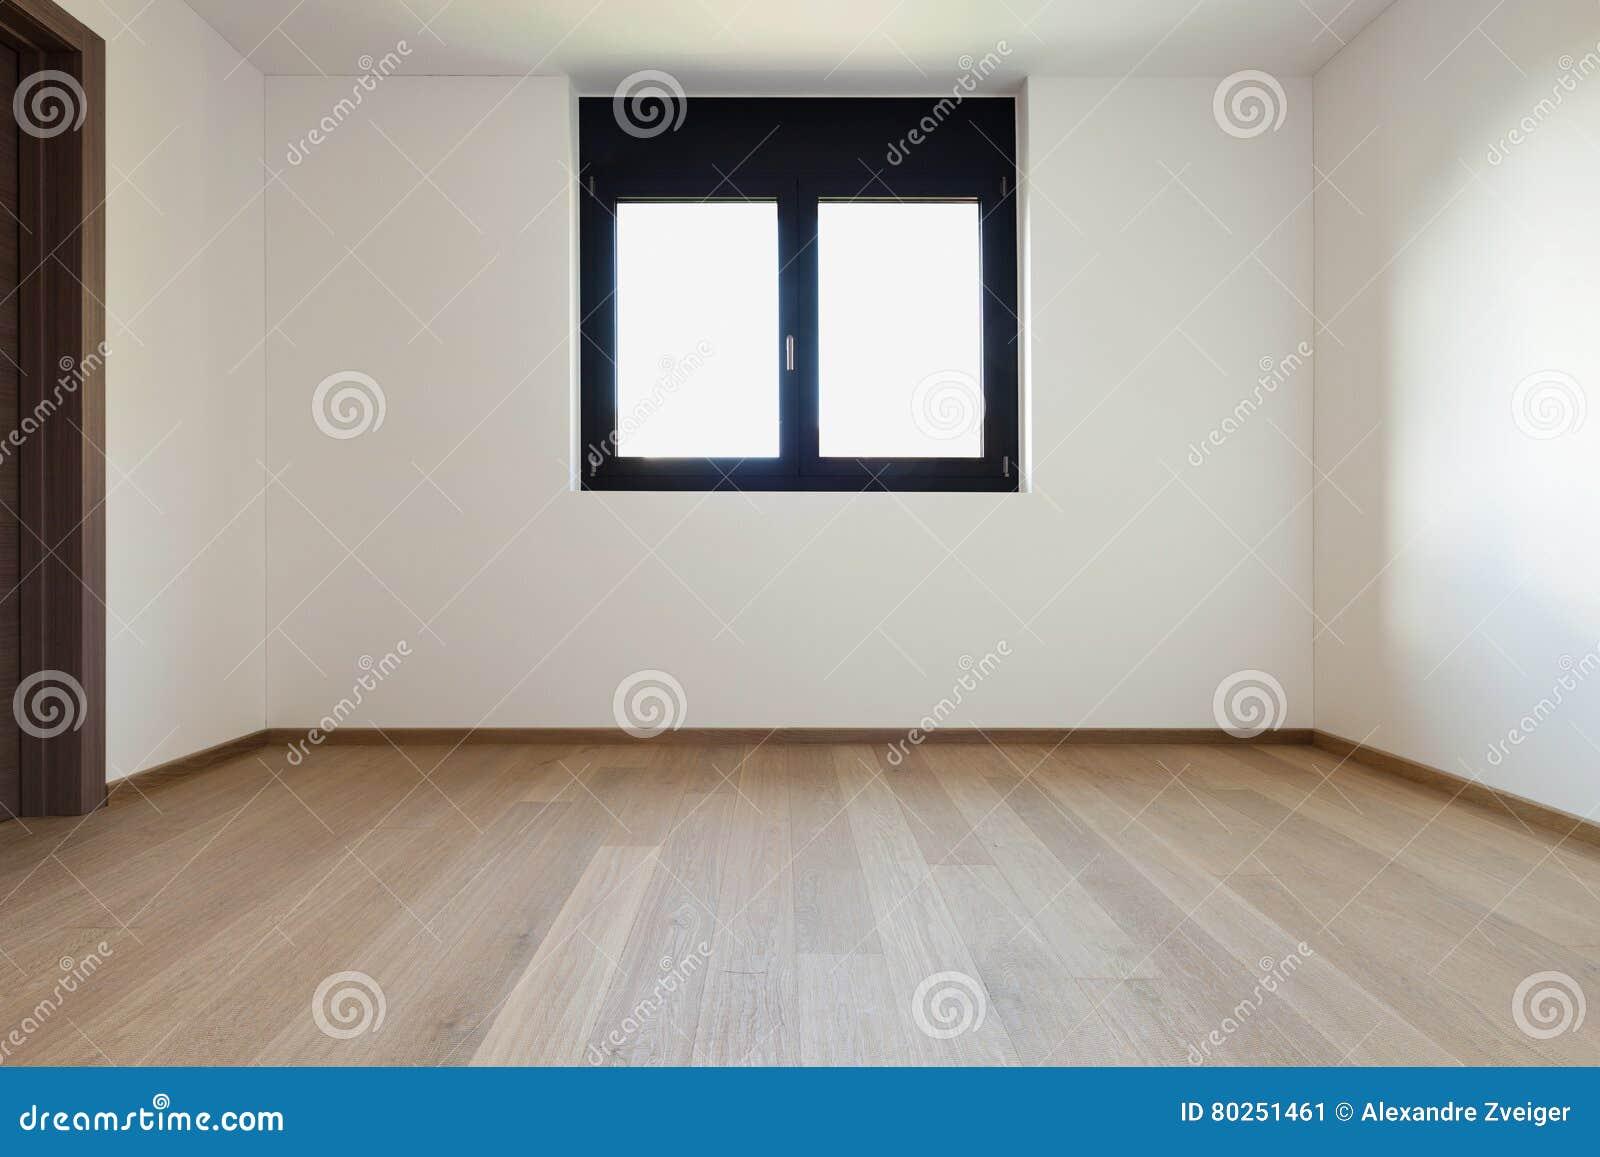 Fenster innenraum  Innenraum, Raum Mit Fenster Stockfoto - Bild: 80251461